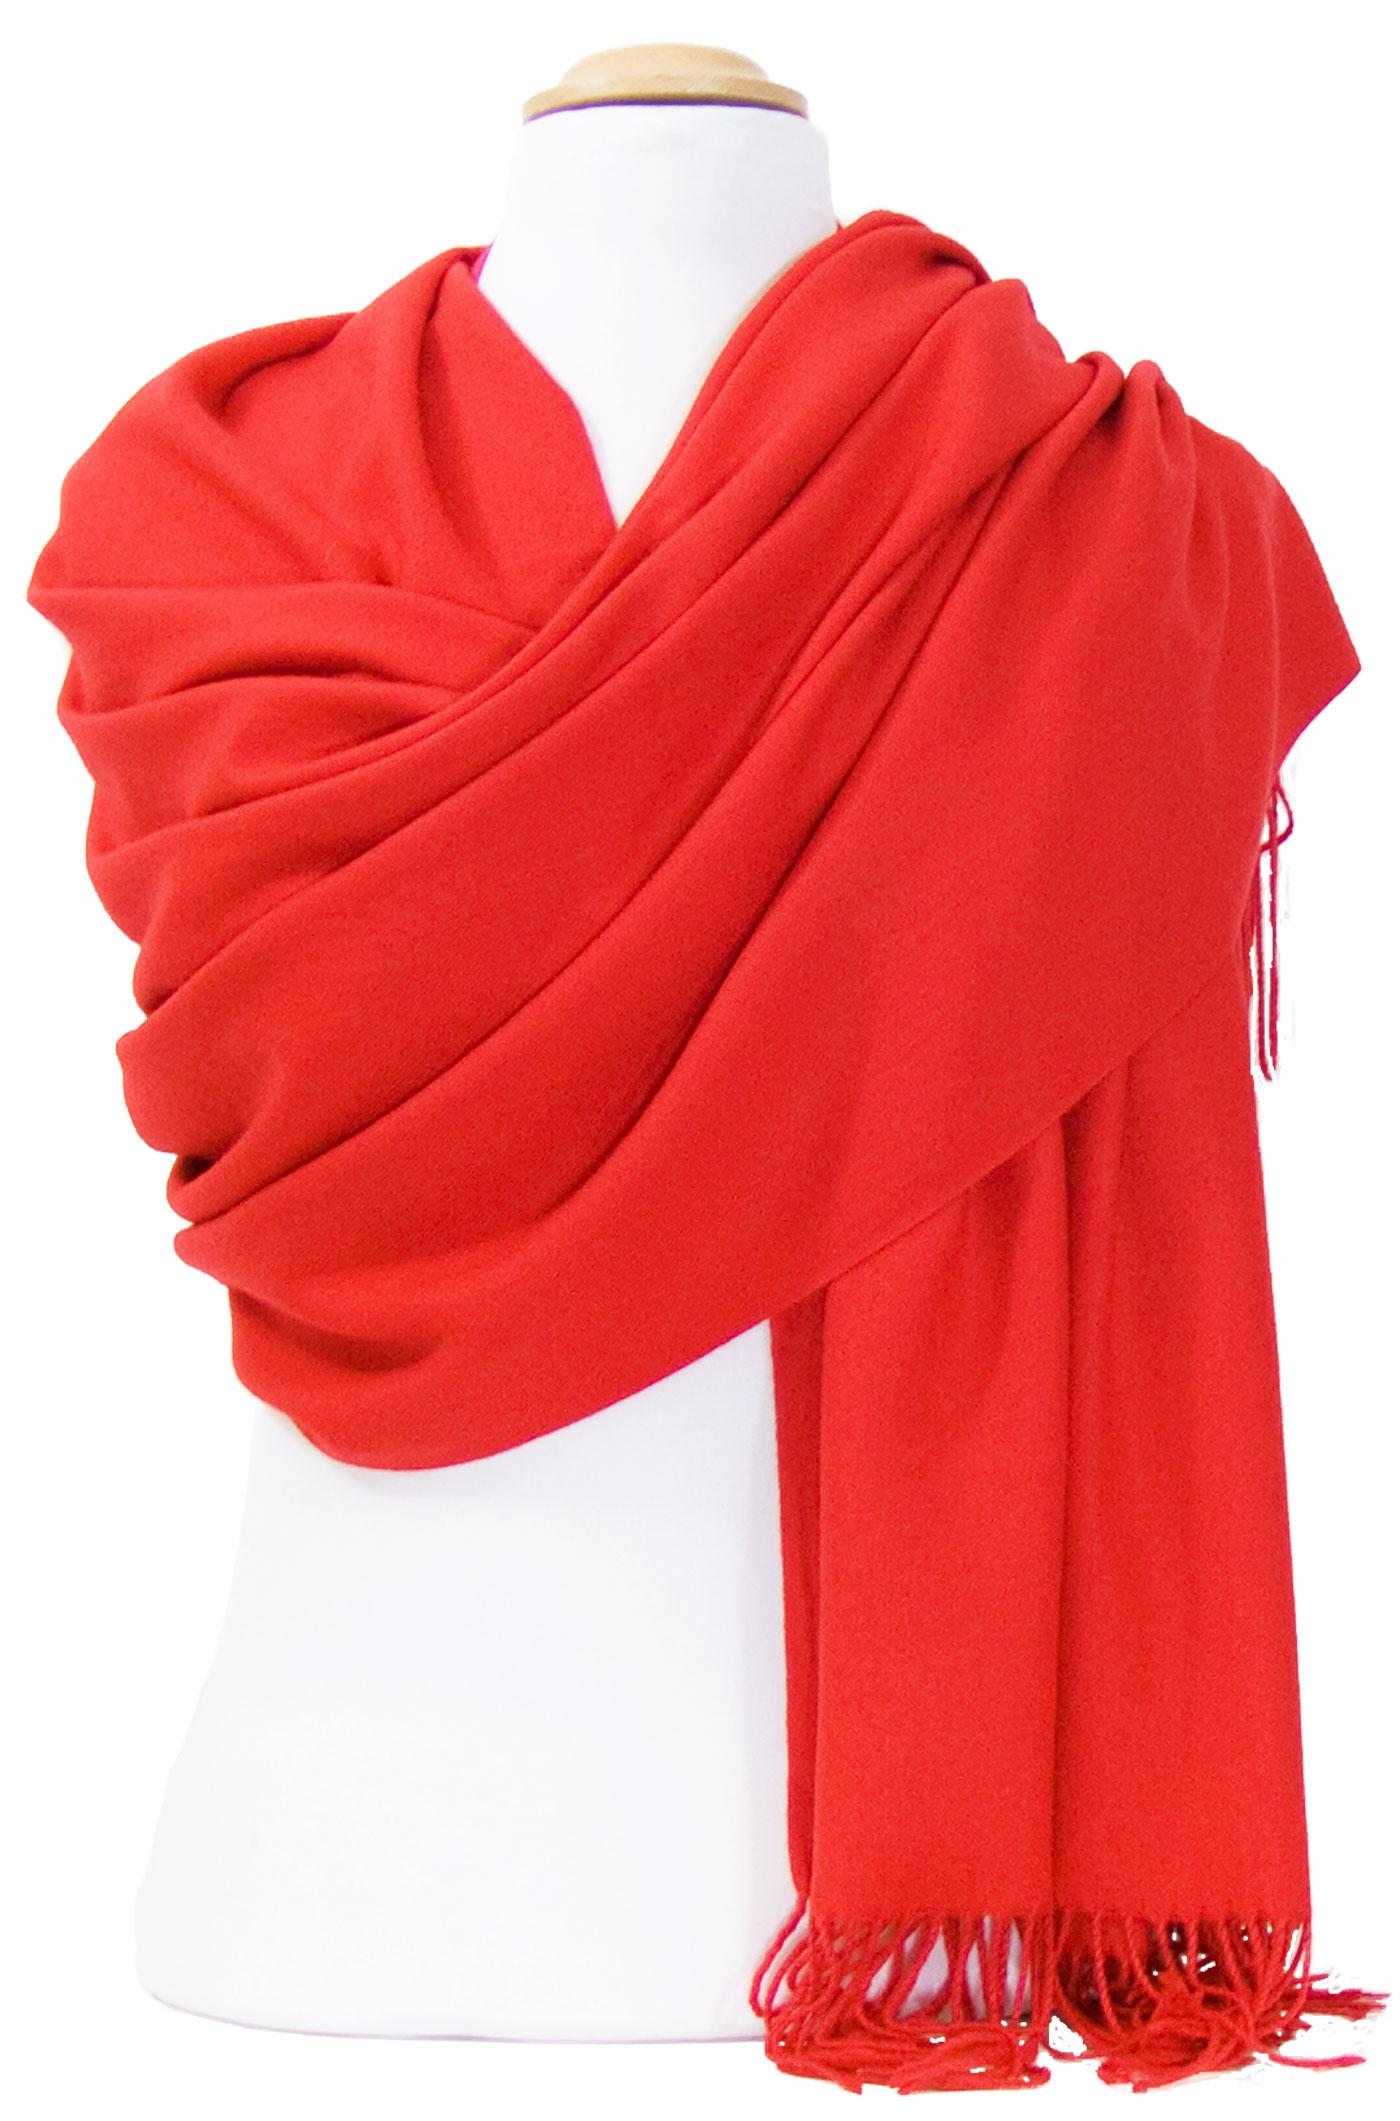 Mes écharpes   boutique Française spécialisée dans la vente de foulards en  soie, étole en soie, étoles en laine, écharpes en cachemire,écharpes en  laine. df7f736acd7